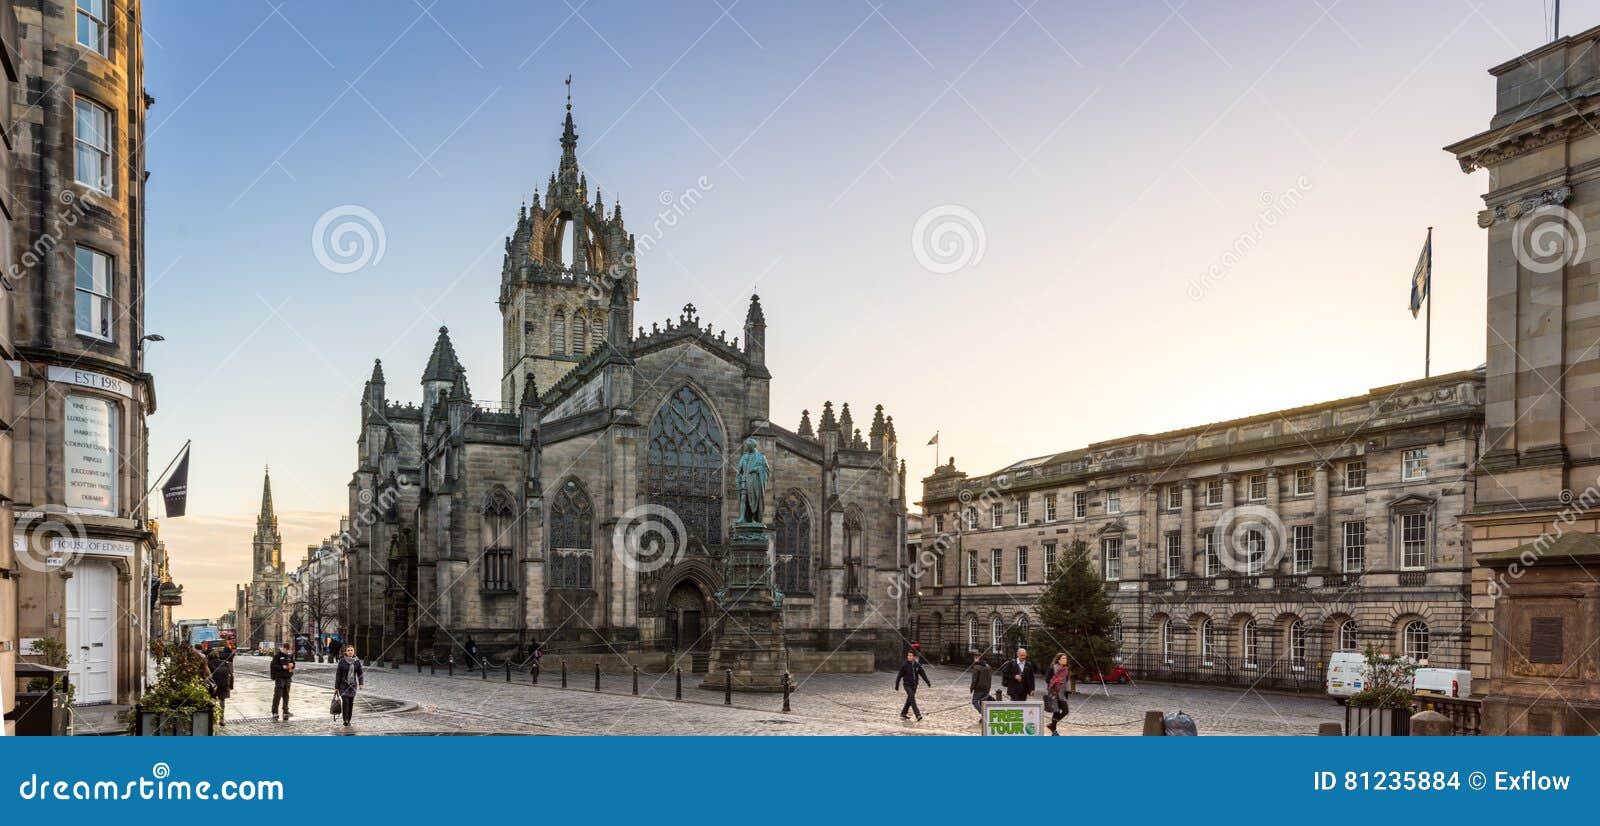 Edimburgo, Escócia, Reino Unido - 16 de novembro de 2016: St Giles Cathedral